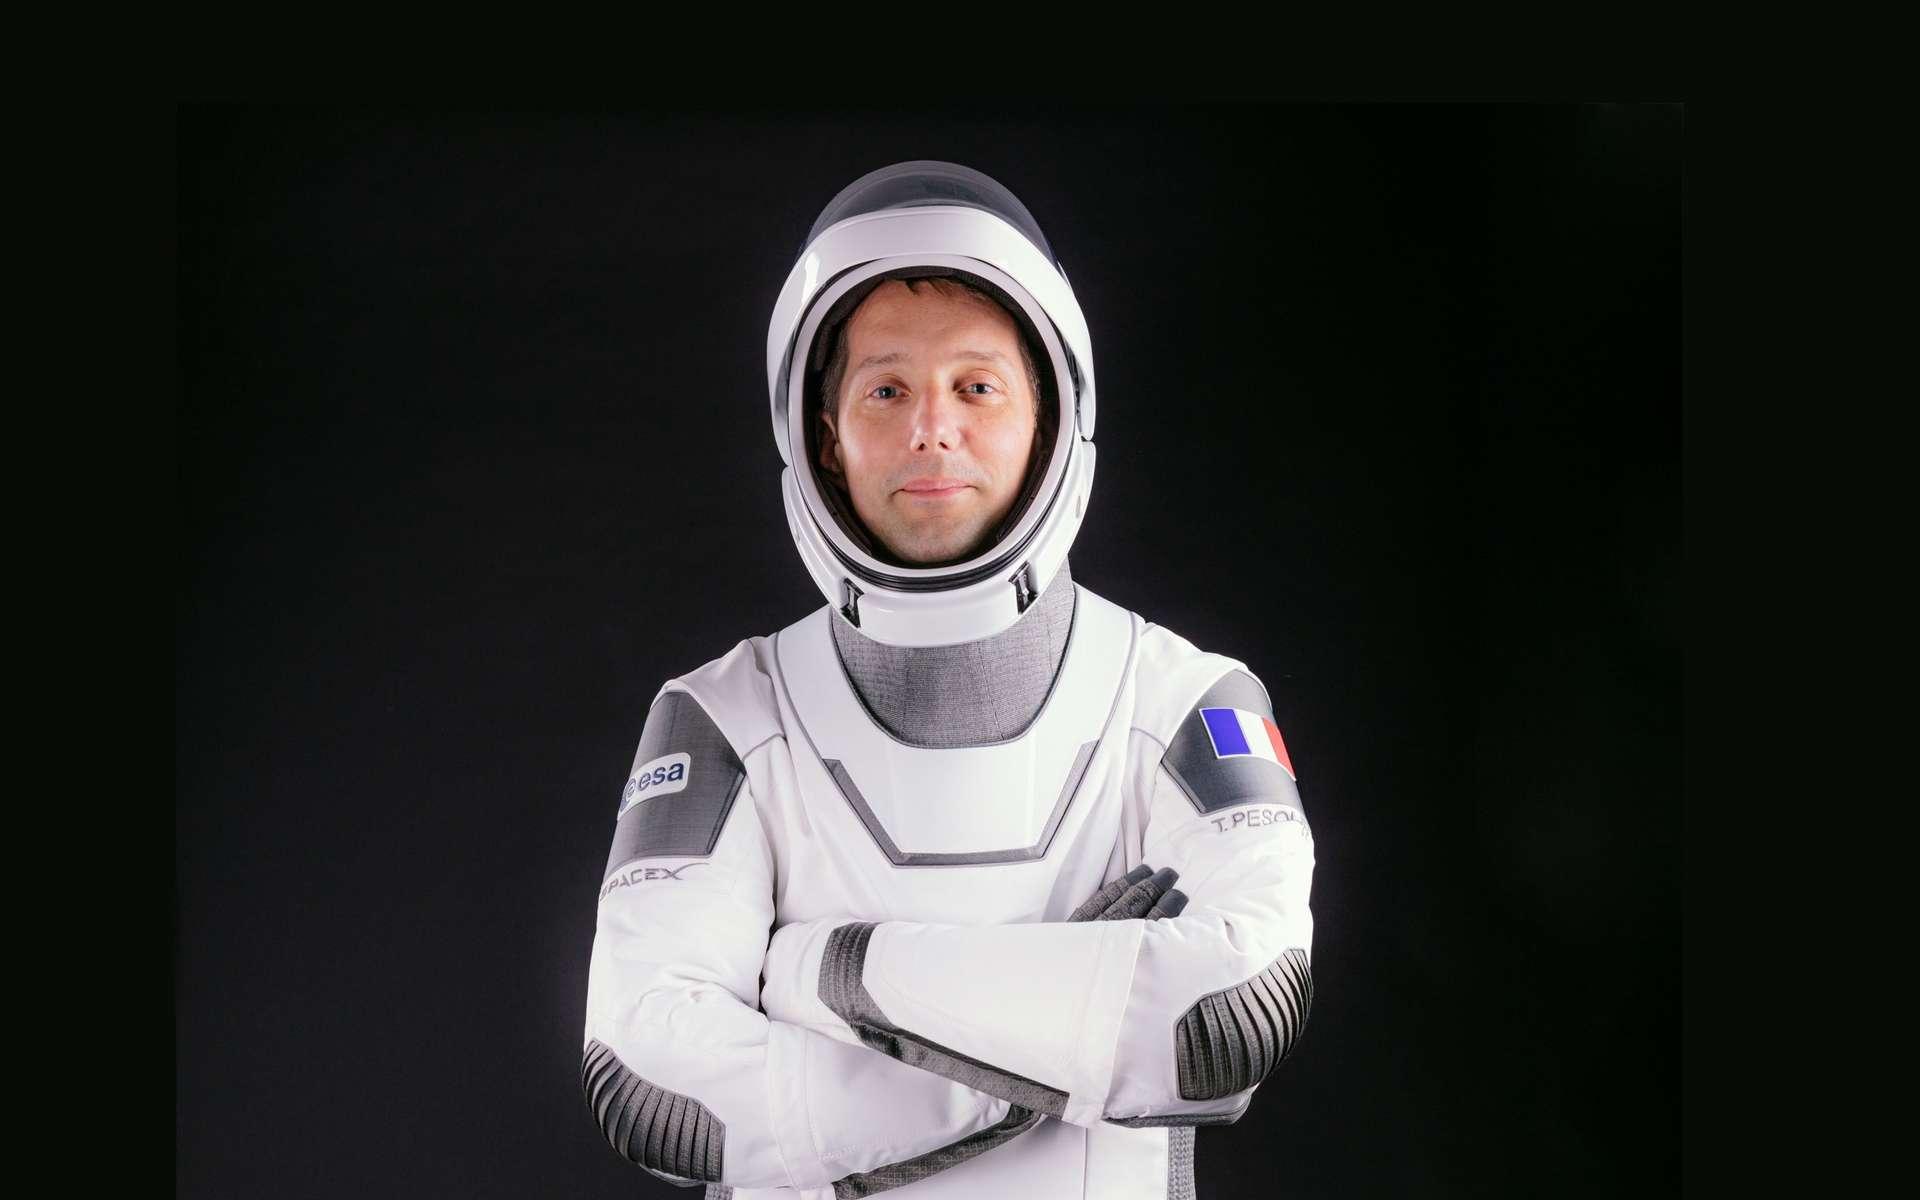 Thomas Pesquet vêtu de la Spacesuit de SpaceX. © Nasa, SpaceX